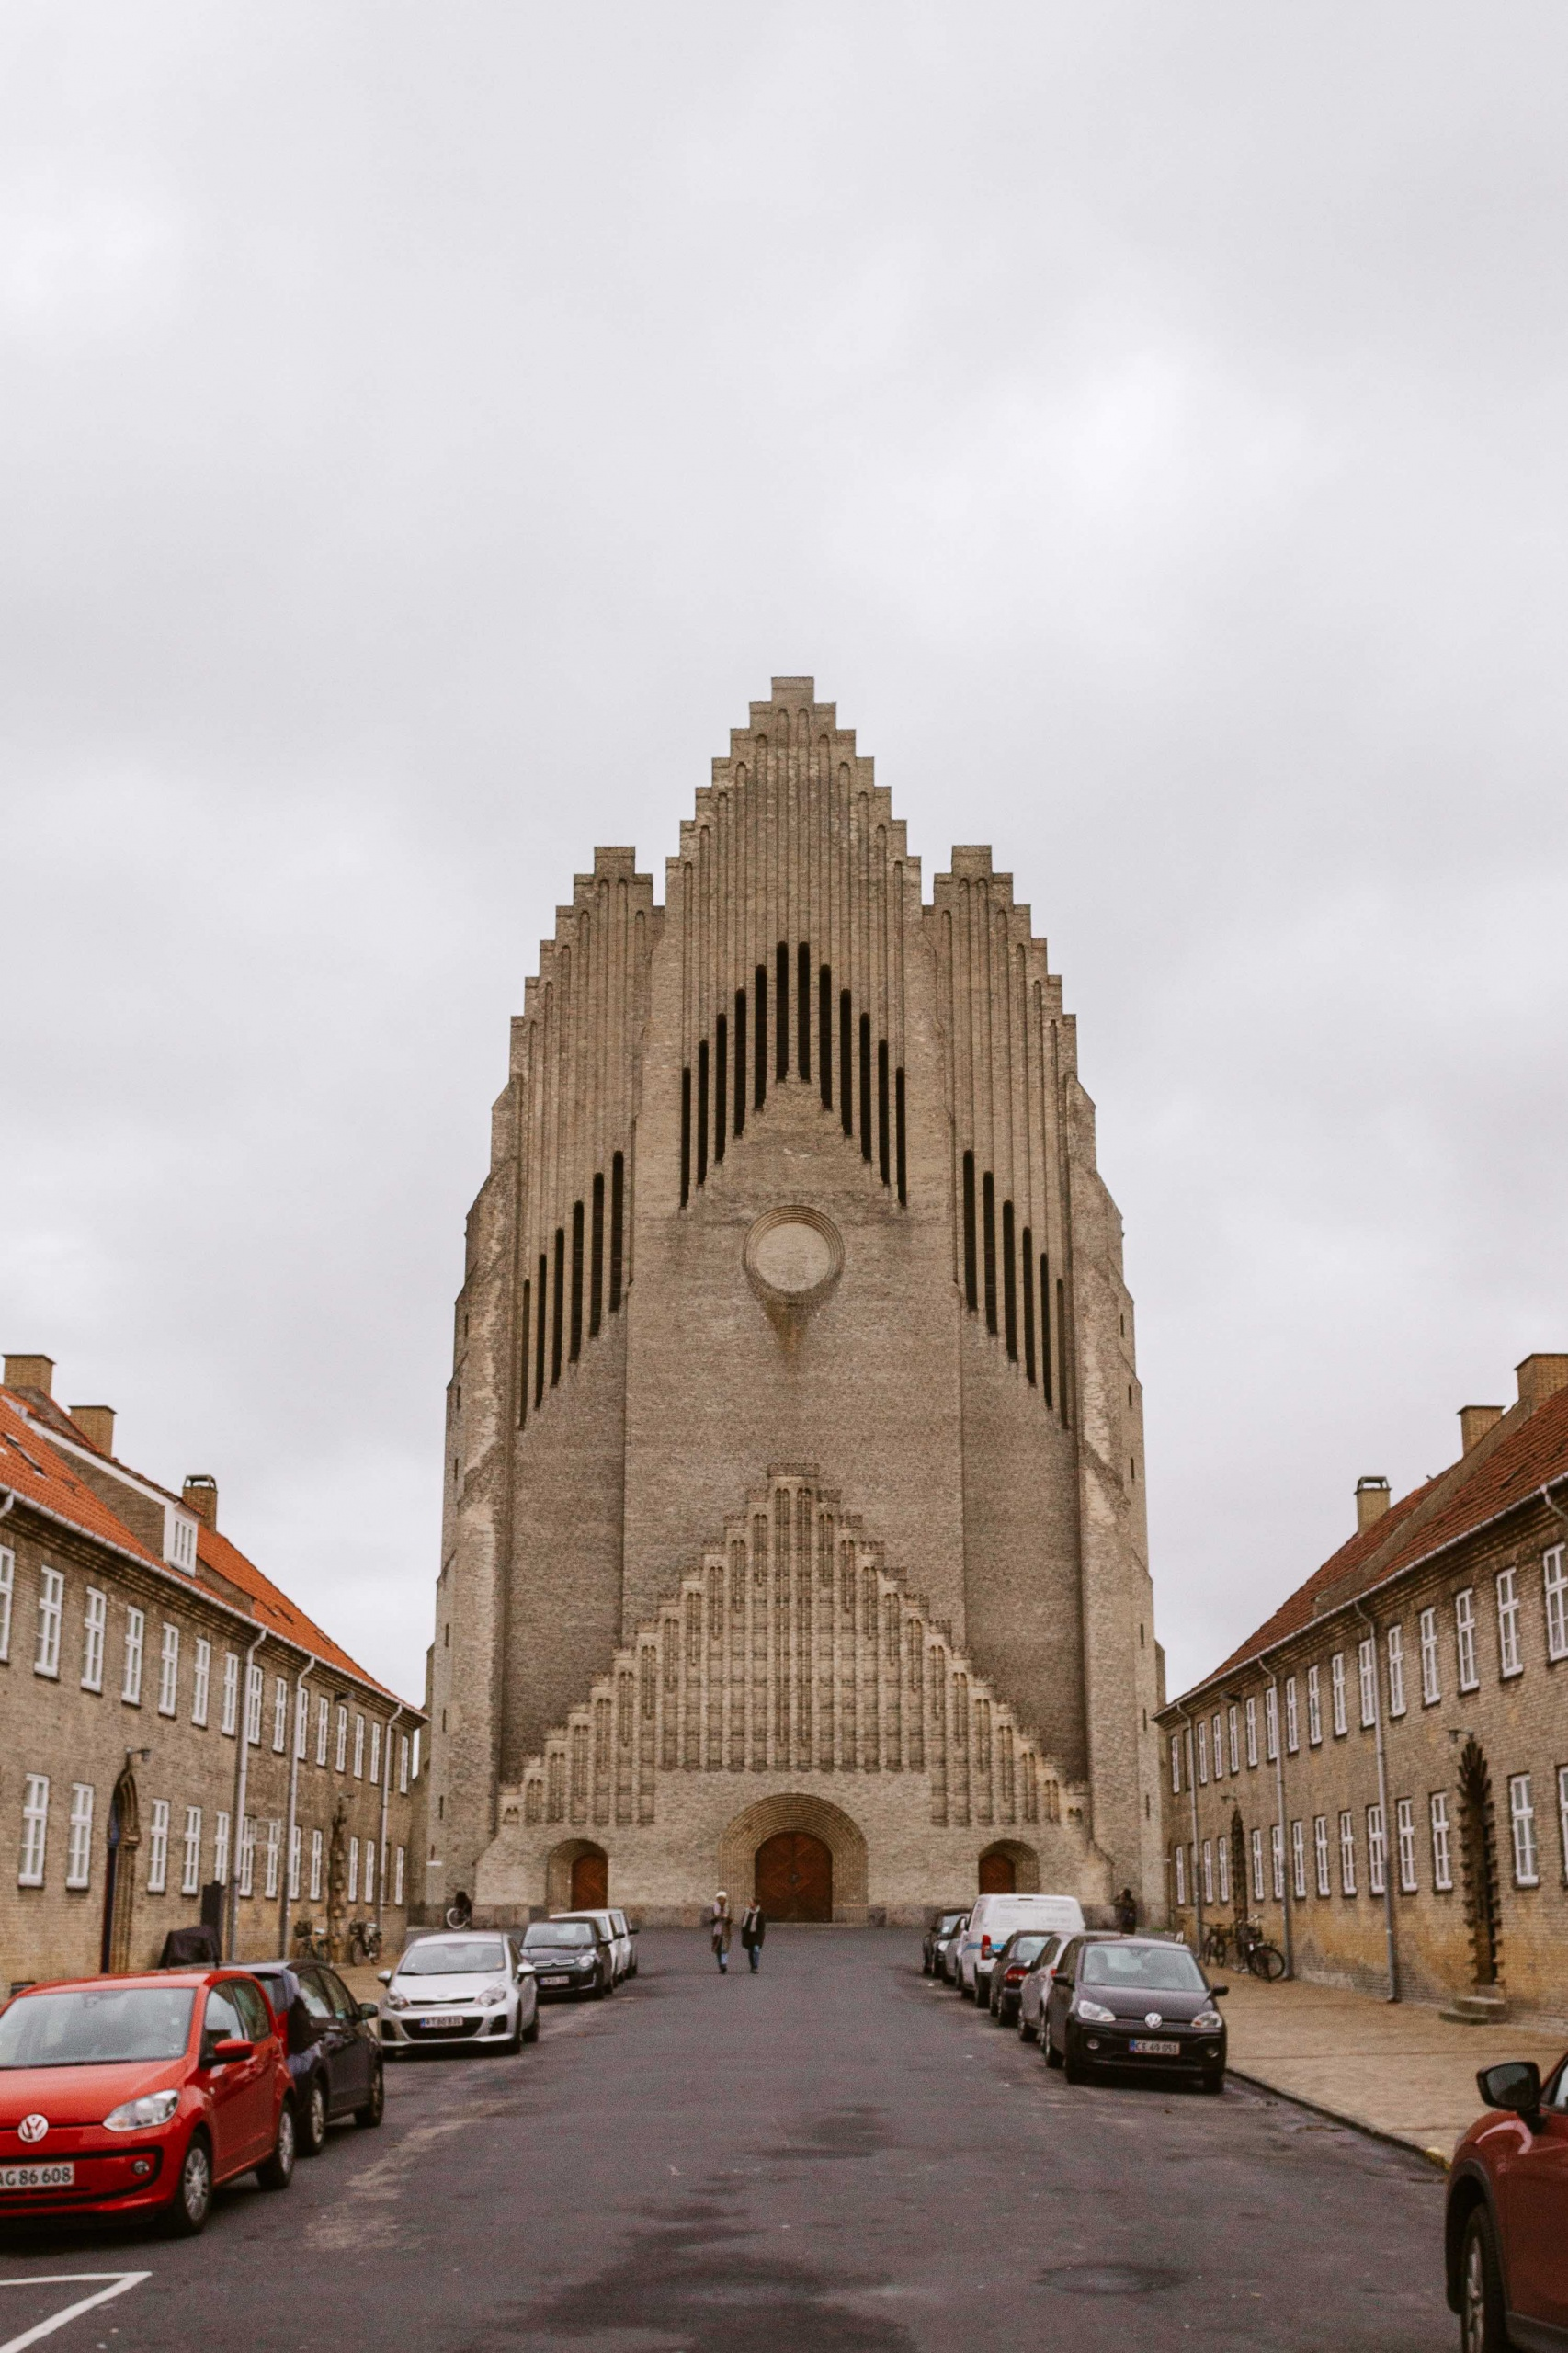 Chiesa con facciata simile ad un organo